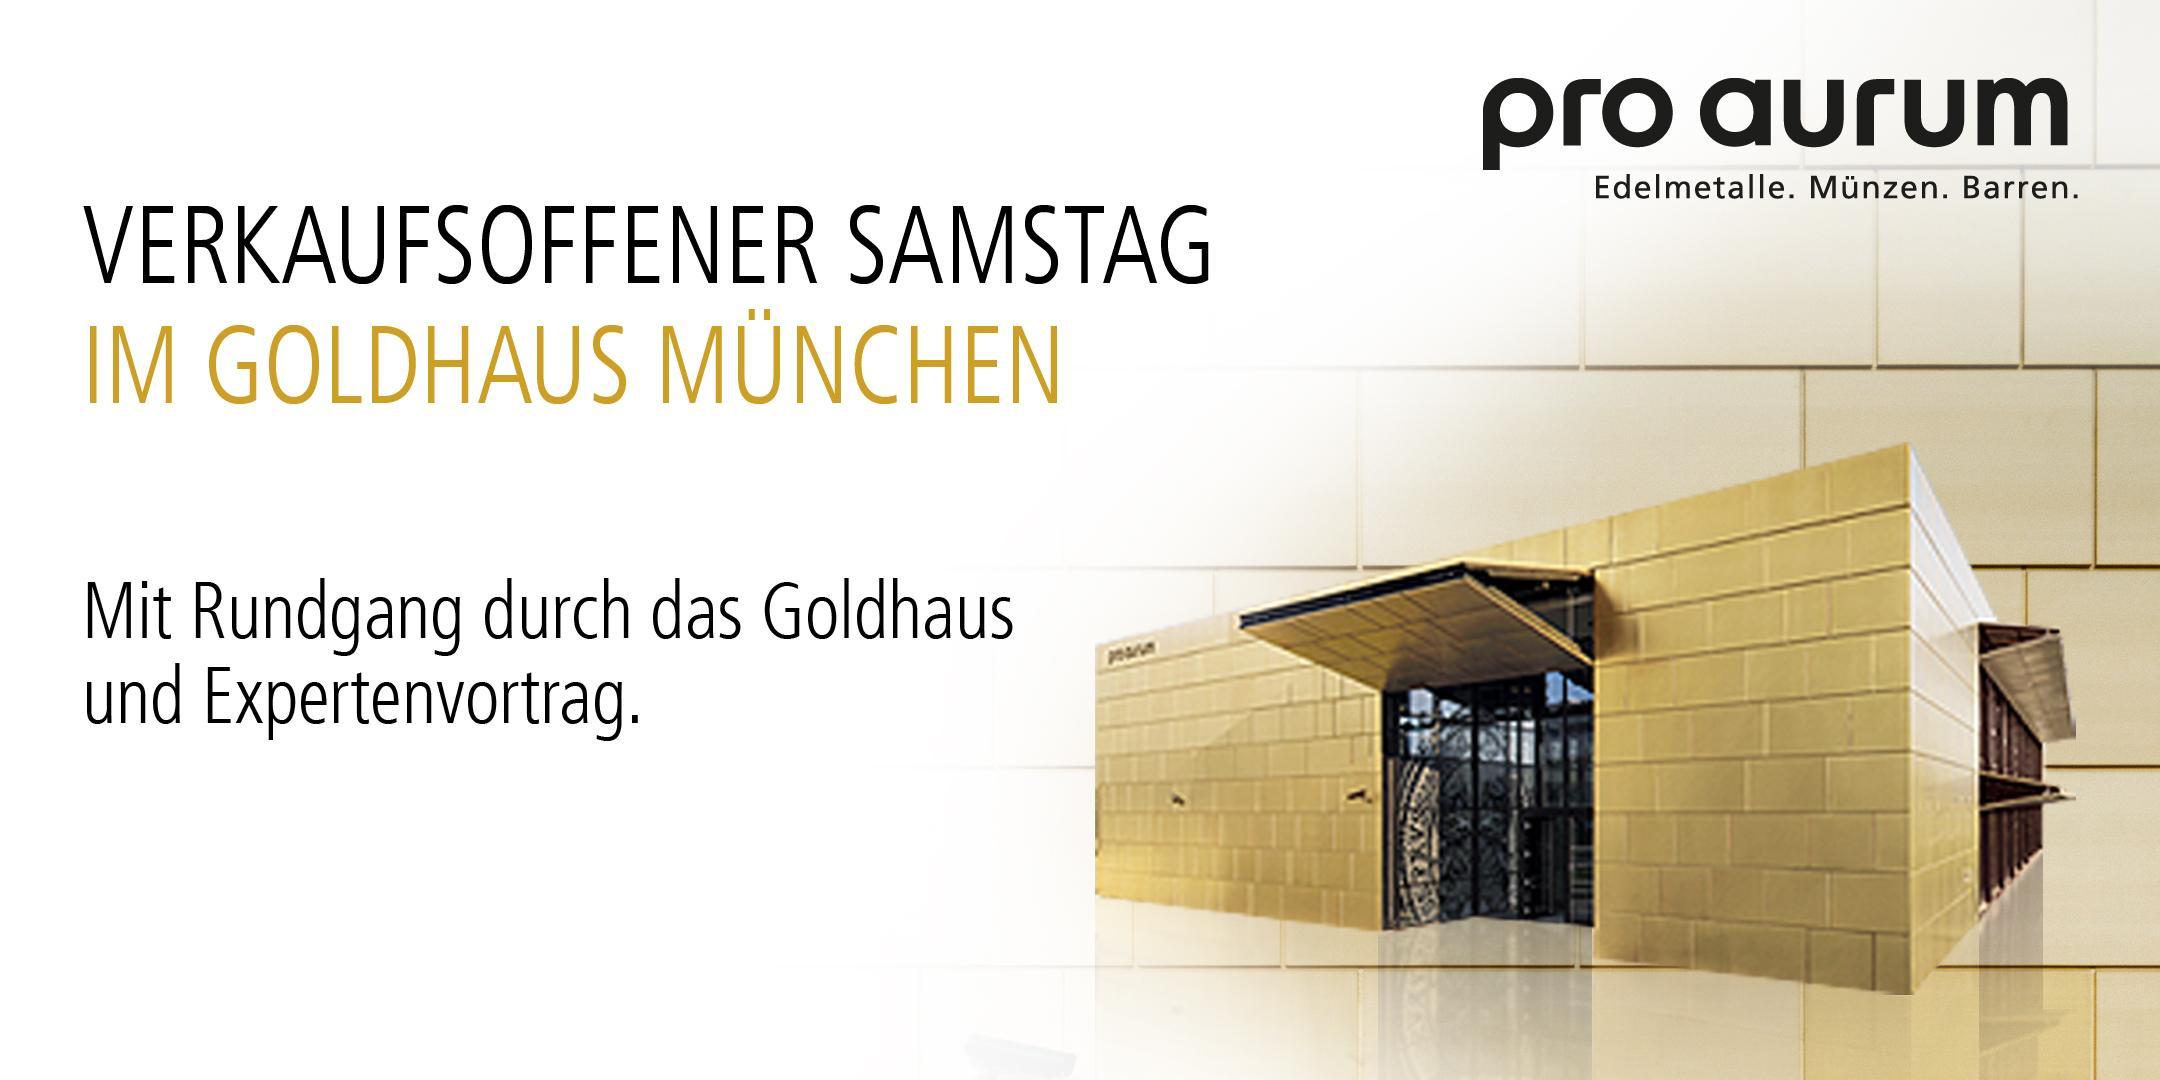 24.02.18: Goldhausführung & Vortrag: Vermögen